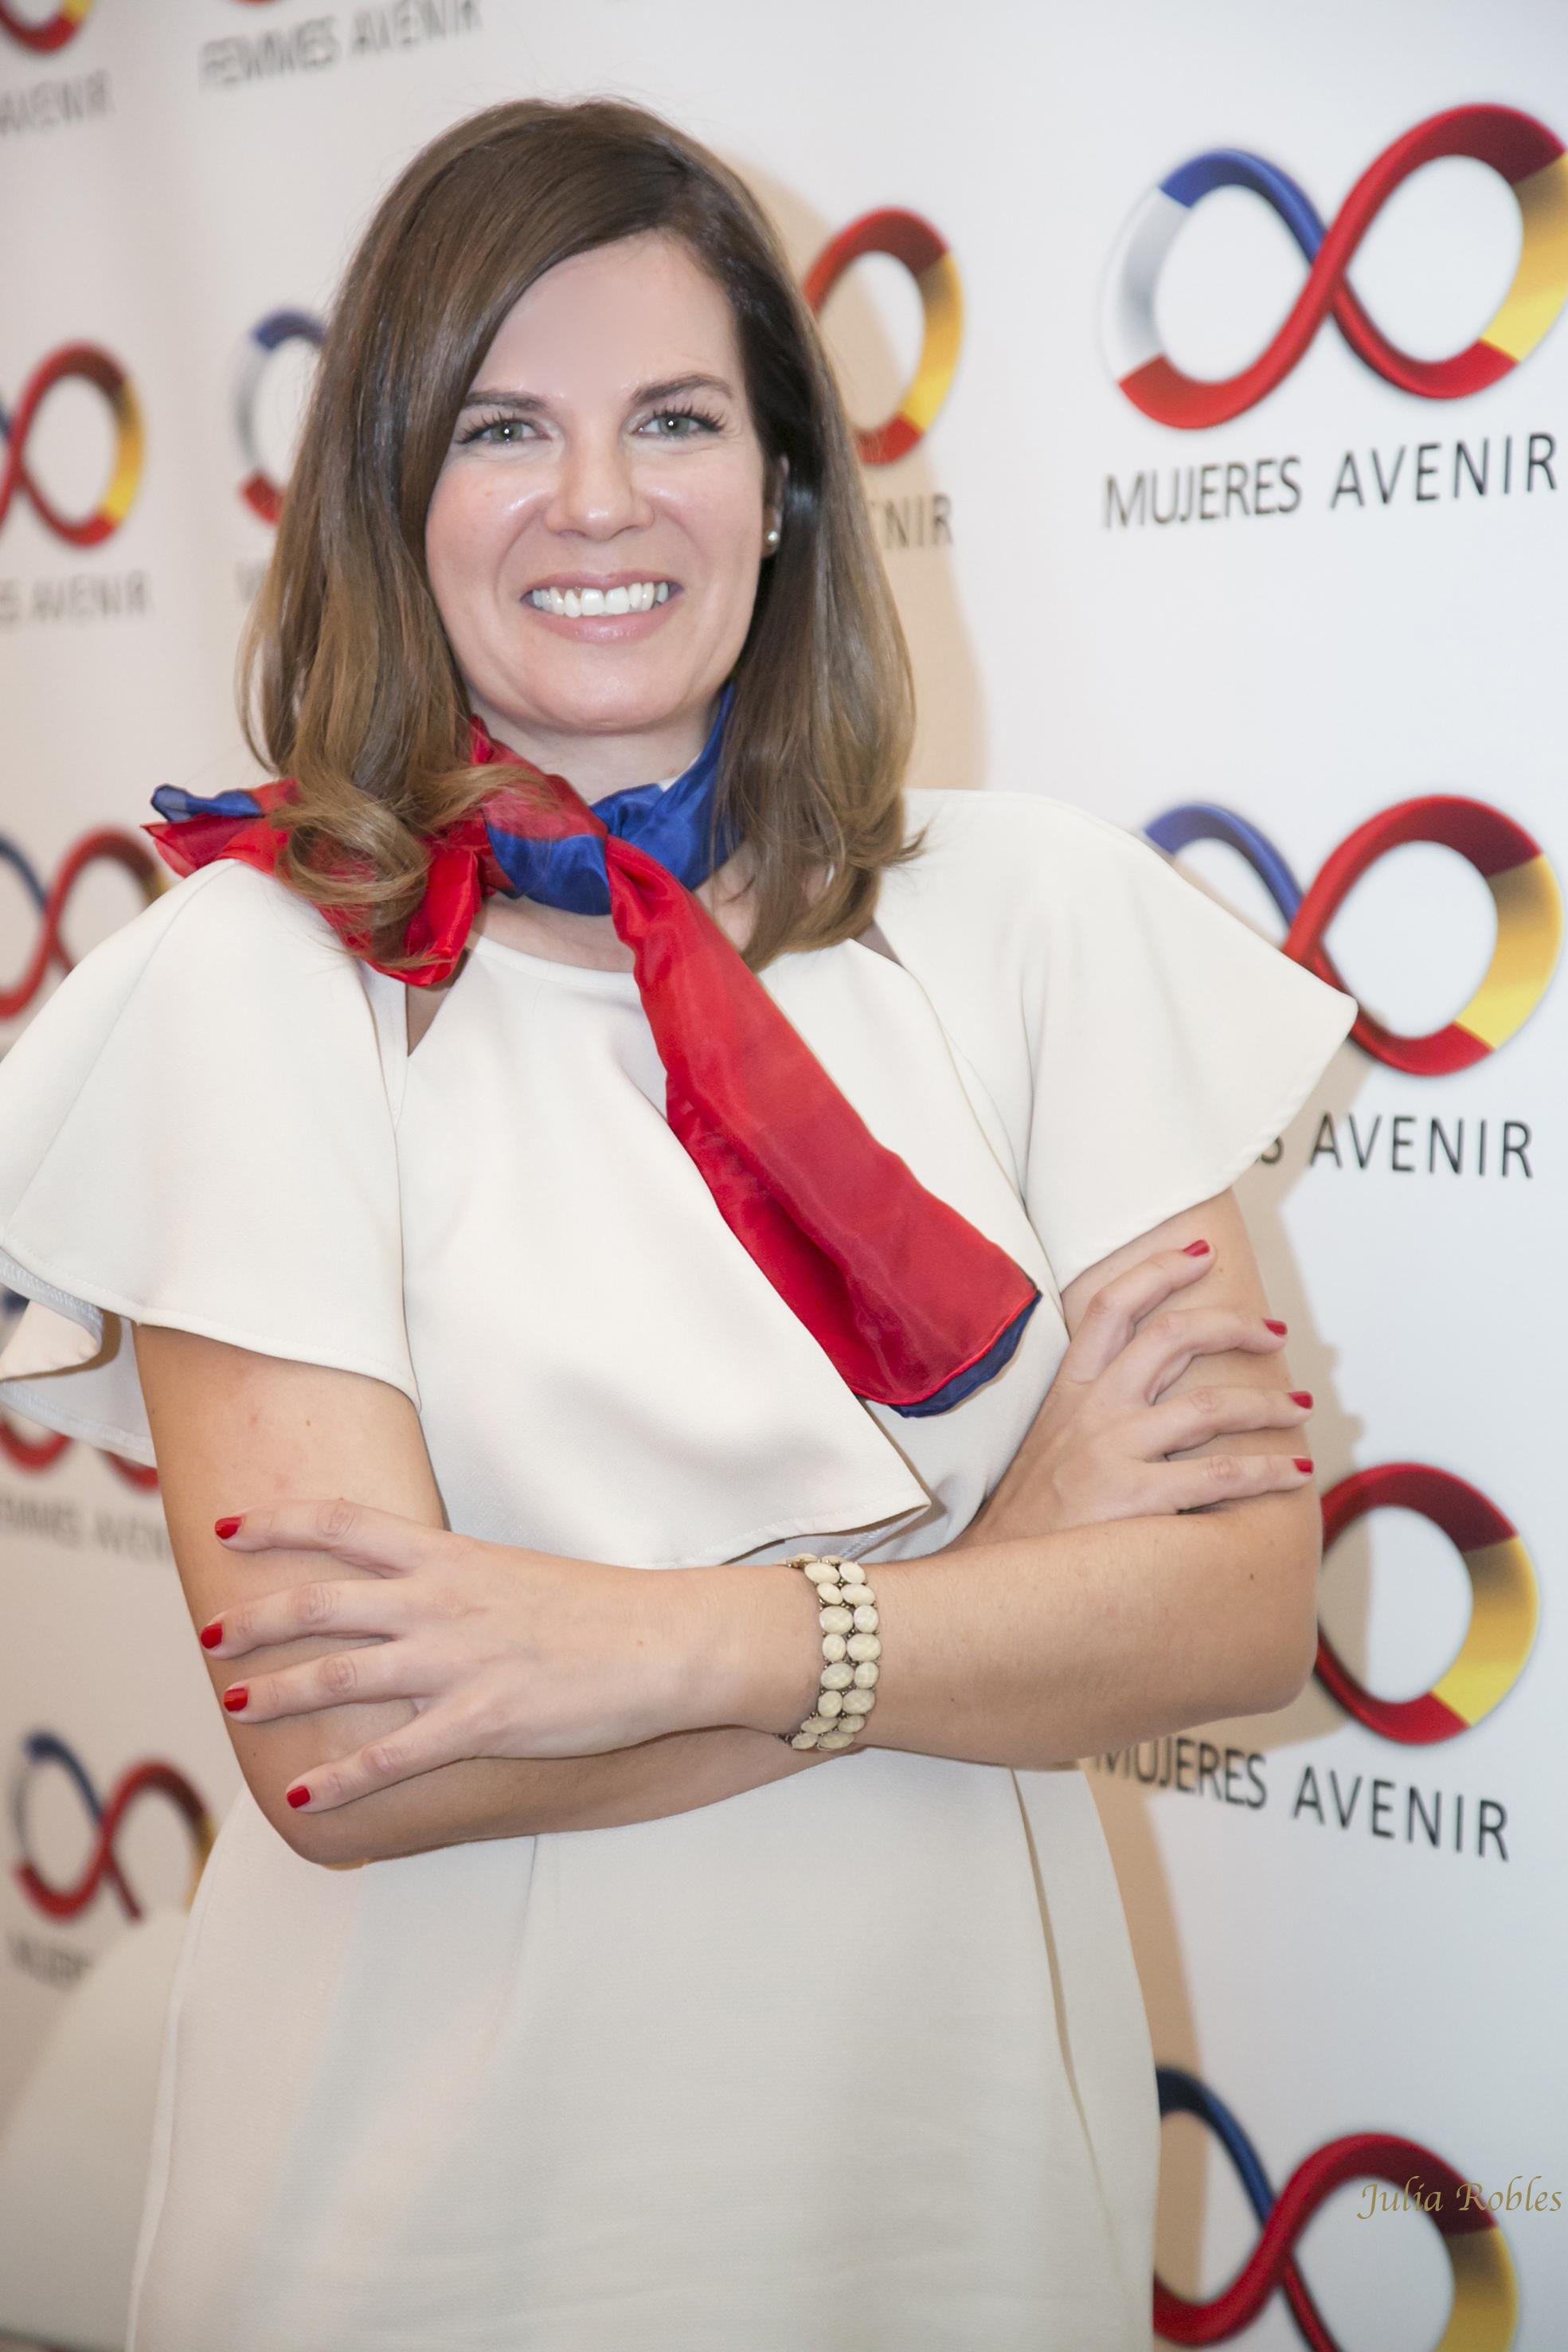 """Entrevista en Corresponsables: """"Mujeres Avenir cree en la responsabilidad, la generosidad y la solidaridad entre mujeres"""""""